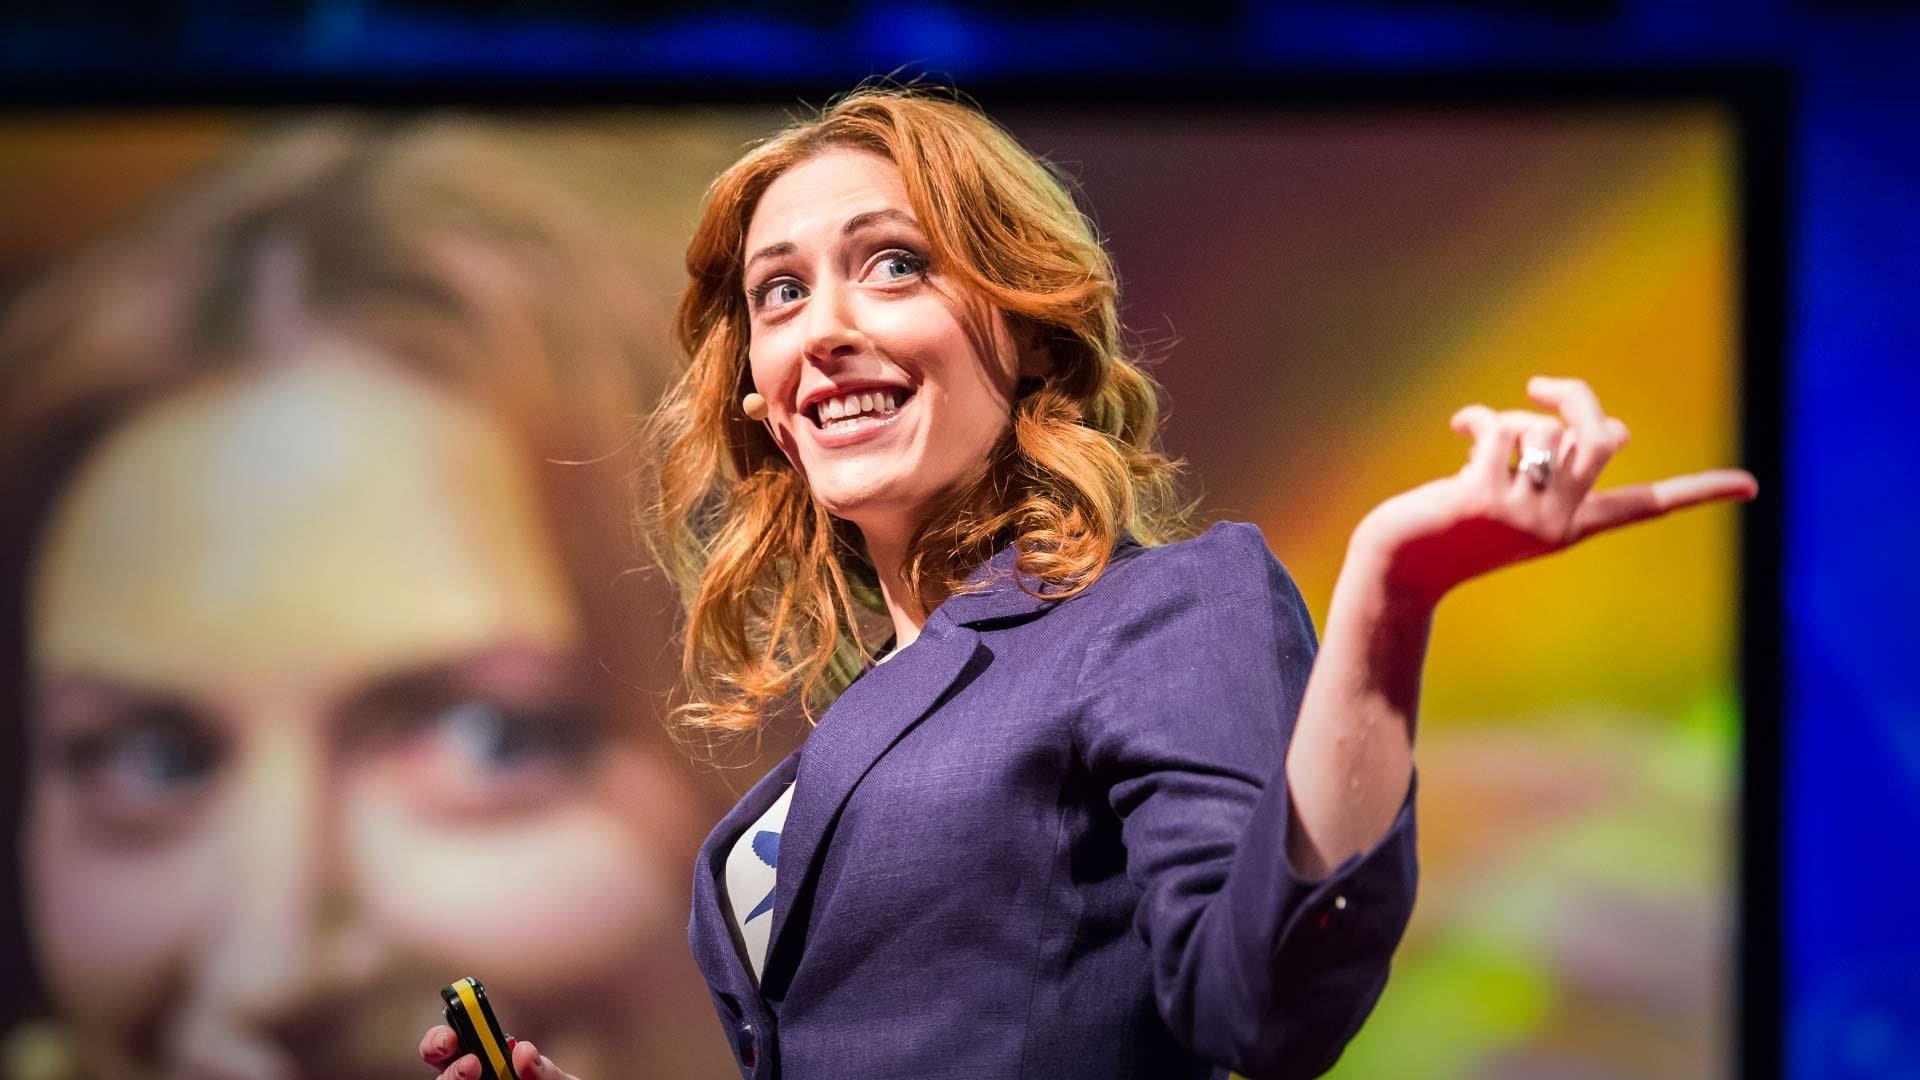 Келли Макгонигал: Как превратить стресс в друга